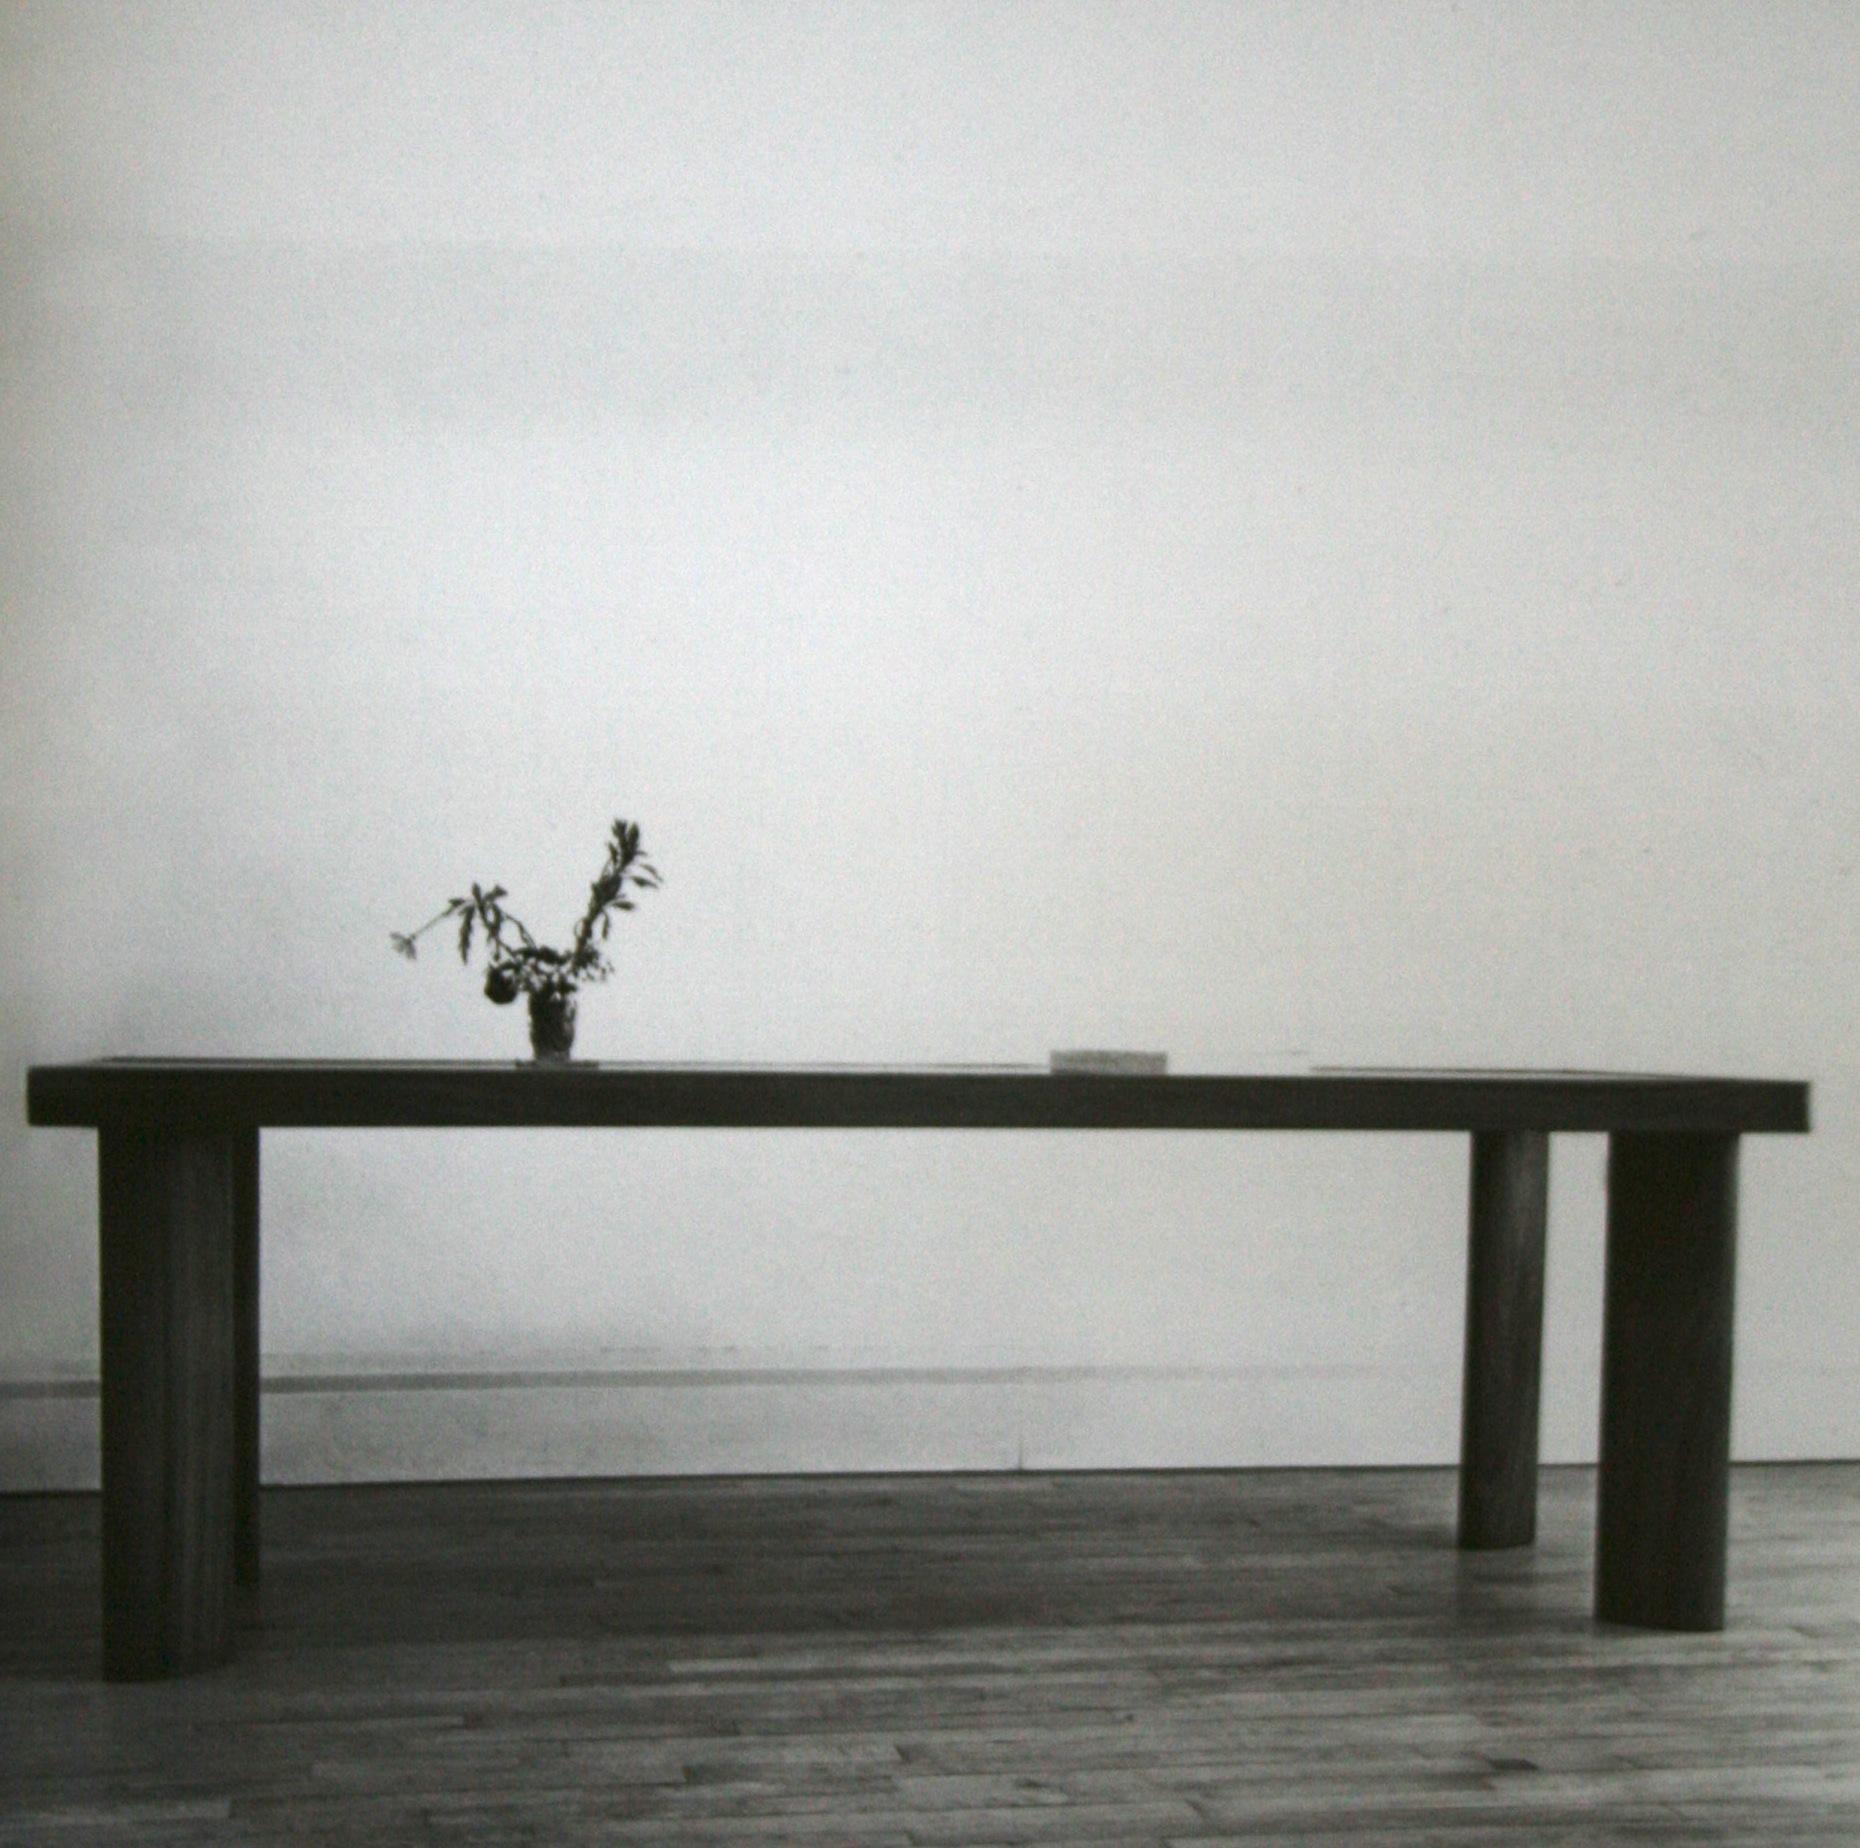 Table de salle à manger, bois massif, pour Paul et Ange Gutmann, 1935